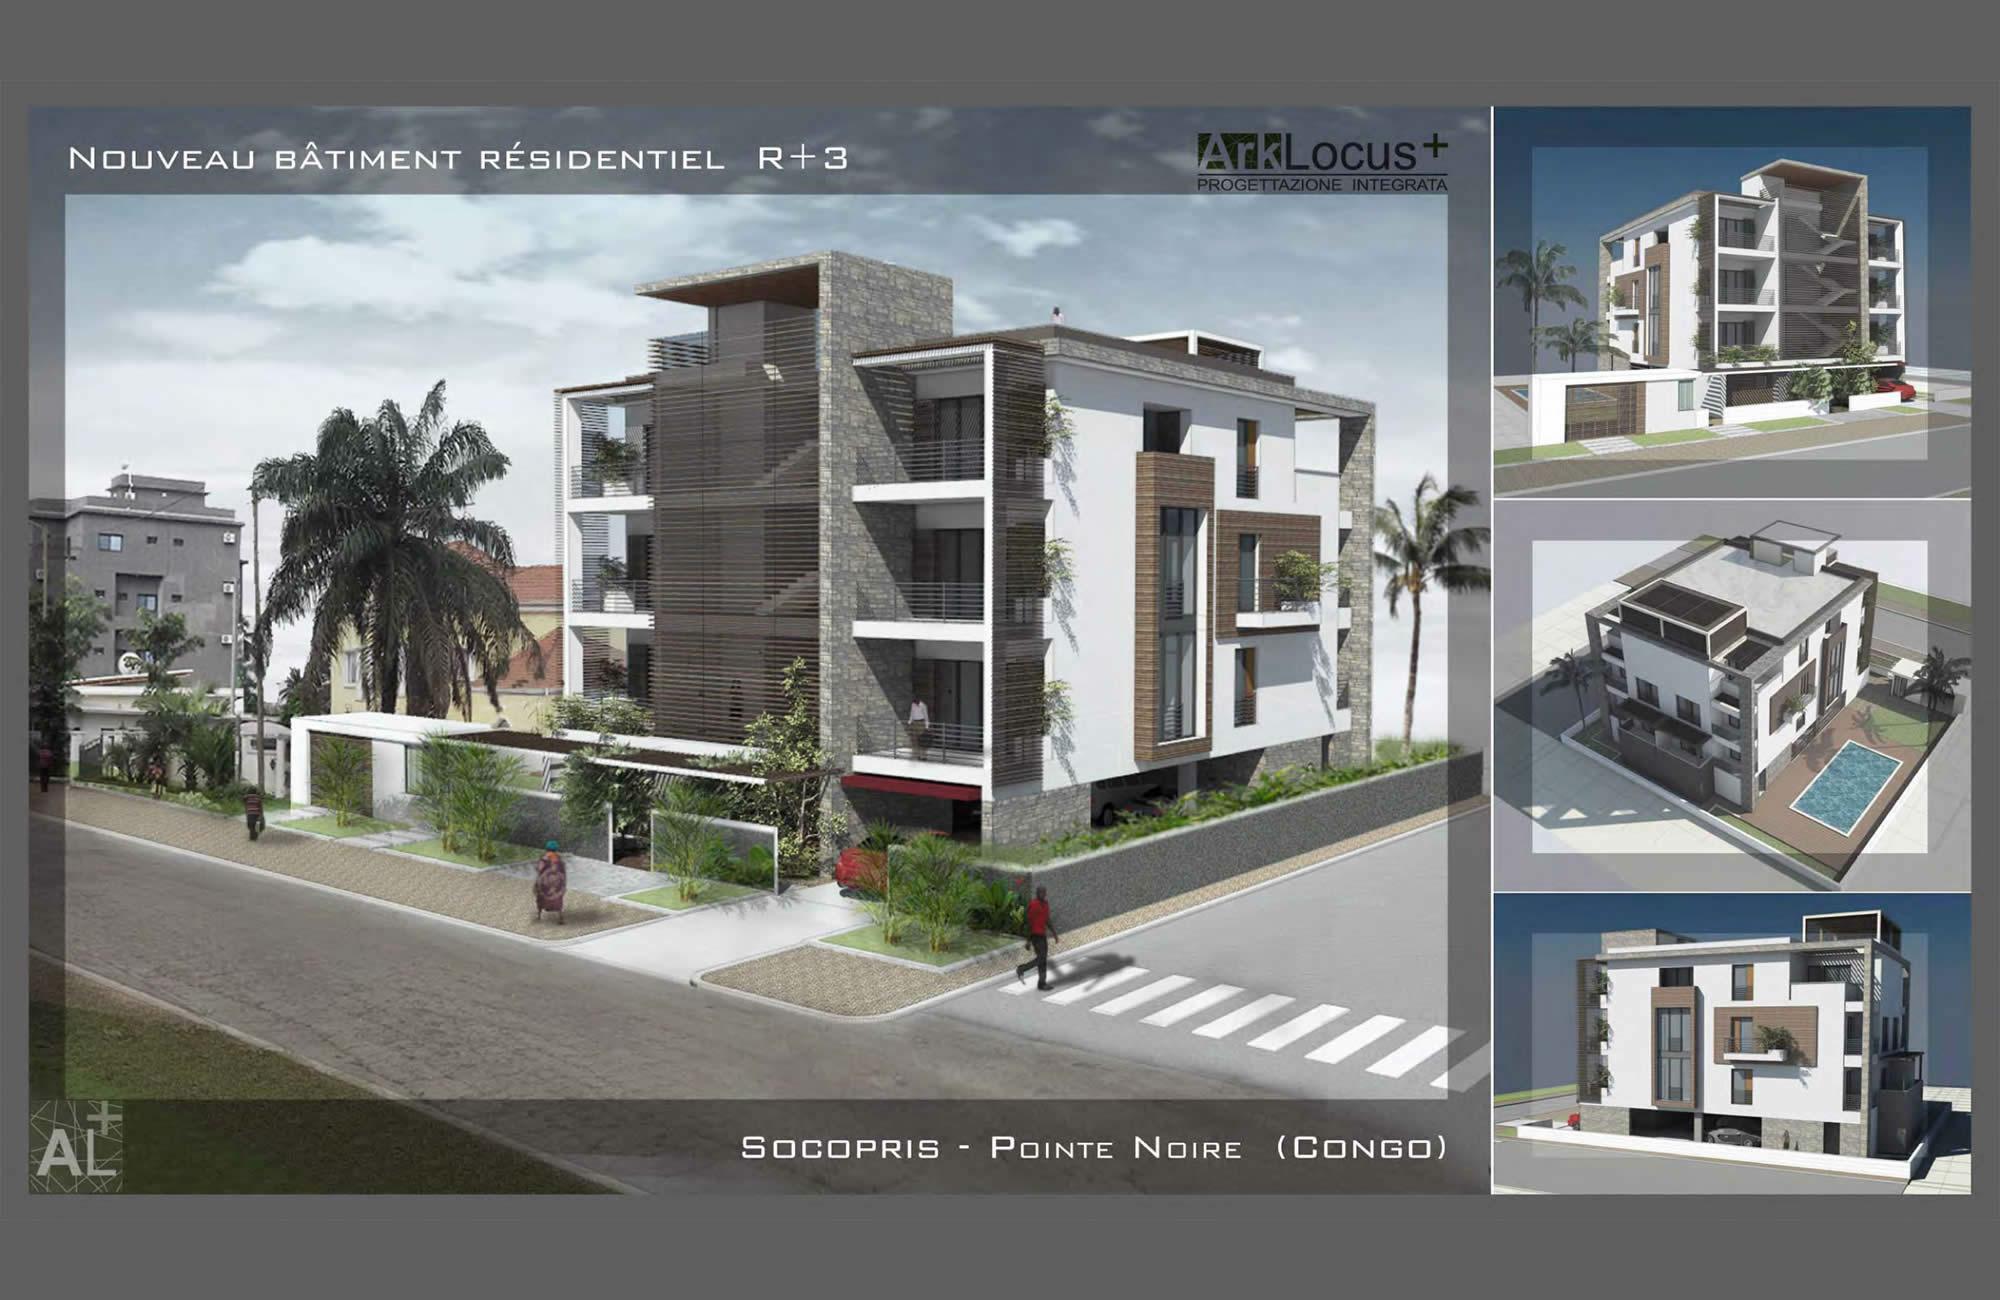 1-pointe-noire-rep-del-congo_edificio-residenziale